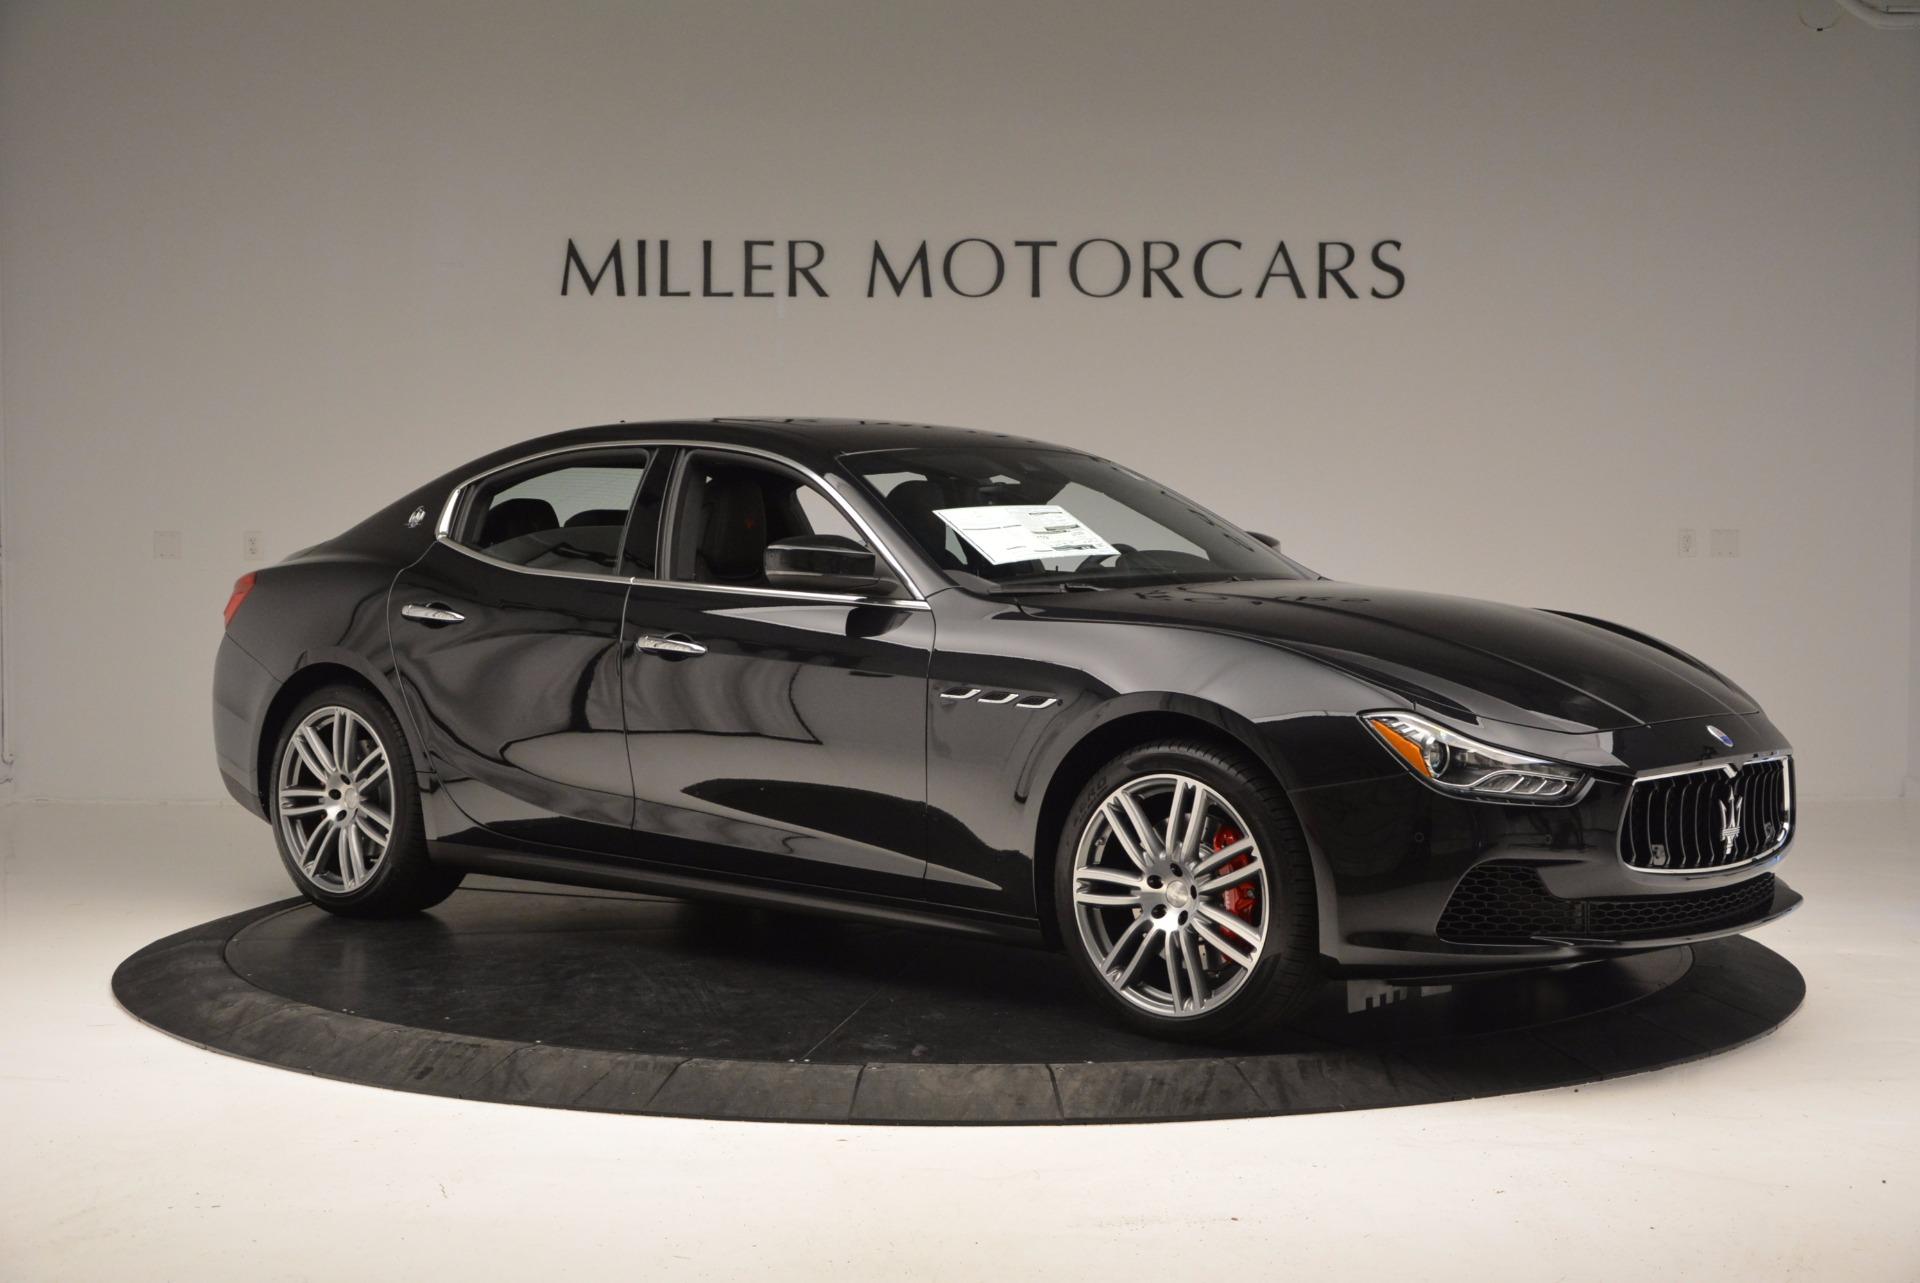 New 2017 Maserati Ghibli SQ4 For Sale In Greenwich, CT 1108_p10